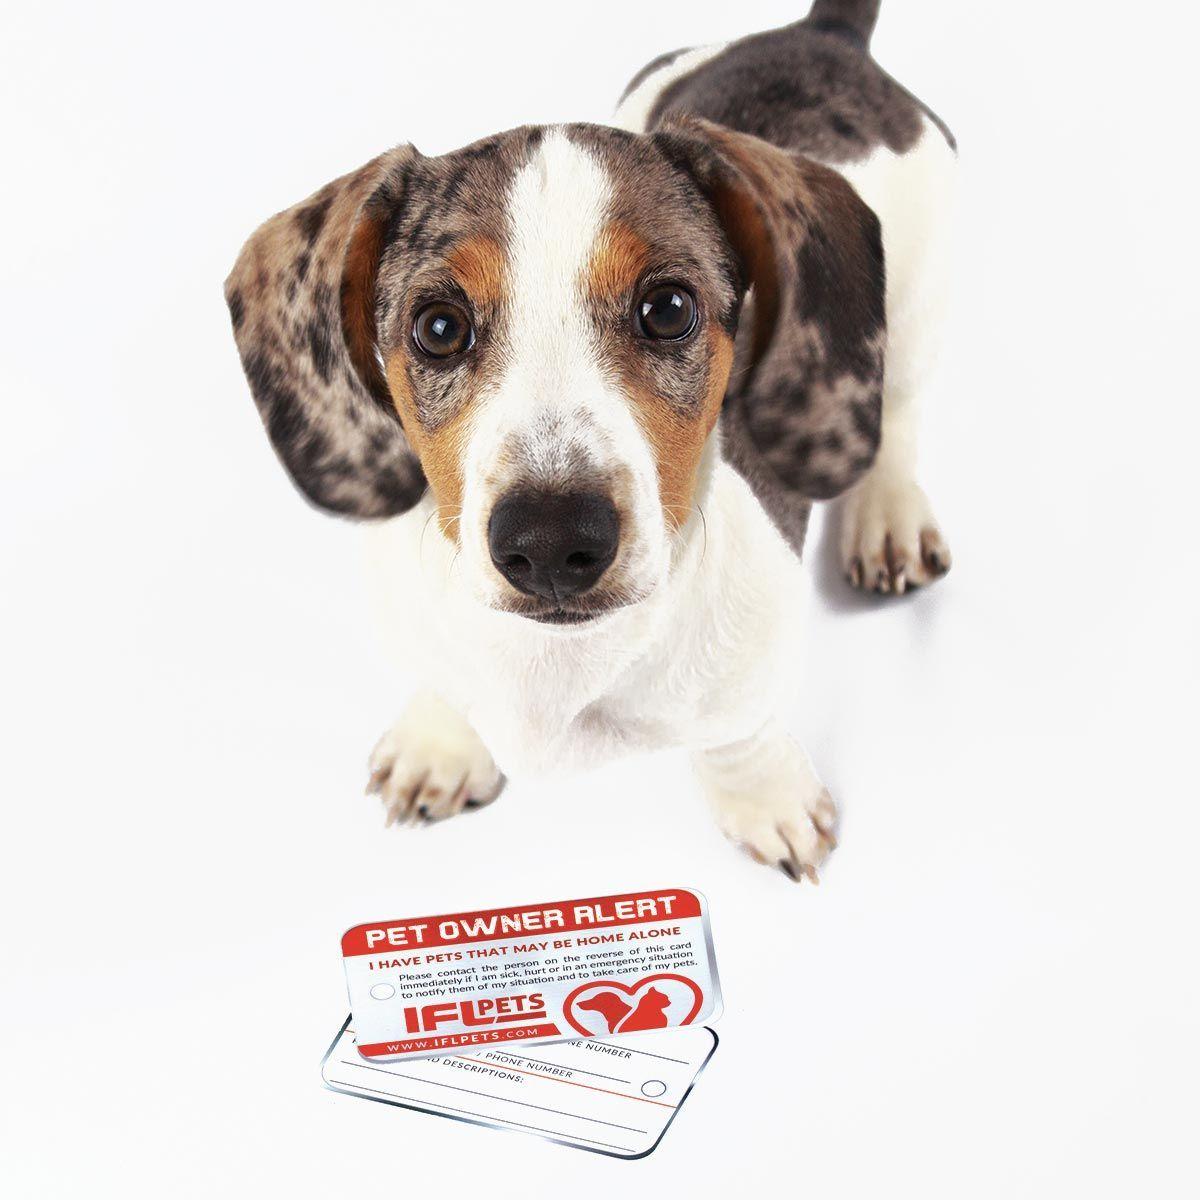 احصل على بطاقة الحيوانات الأليفة المنزلية الخاصة بك In 2020 Baby Animals Super Cute Baby Animals Pictures Cute Animal Photos